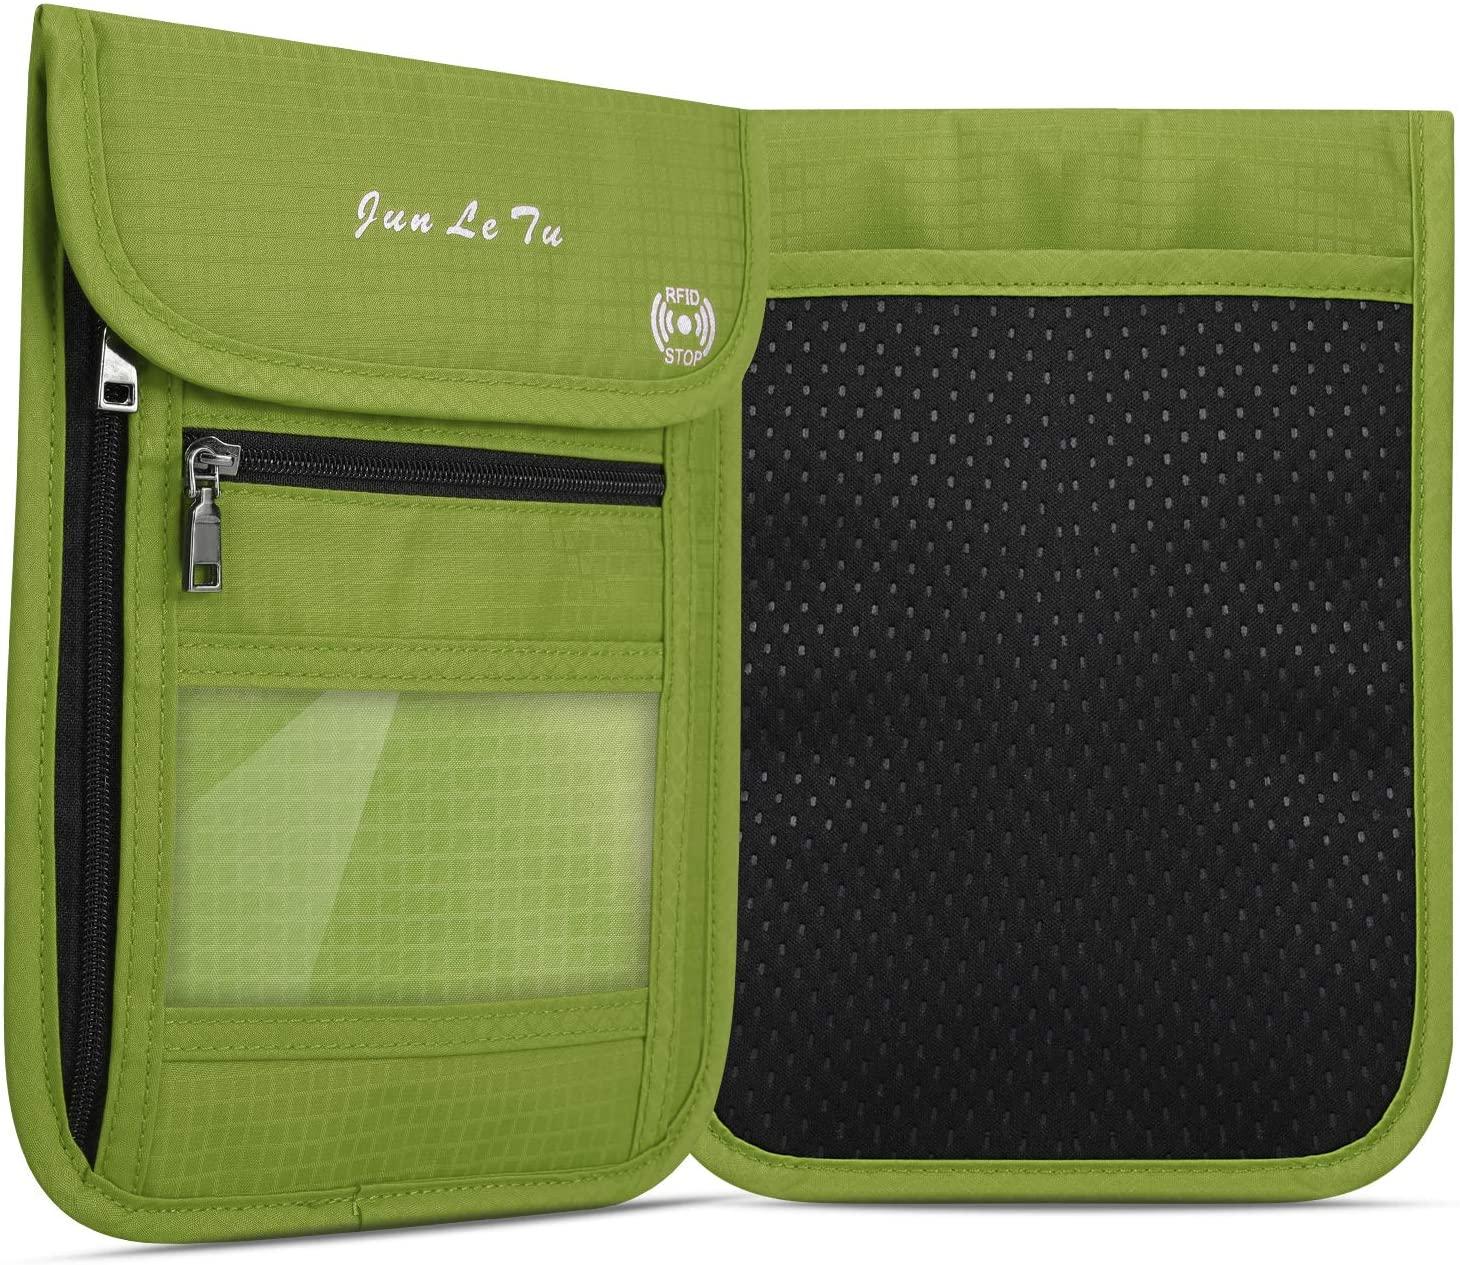 RFID Blocking Travel Passport Holder Concealed Travel Neck Pouch Wallet for Men & Women (Green)